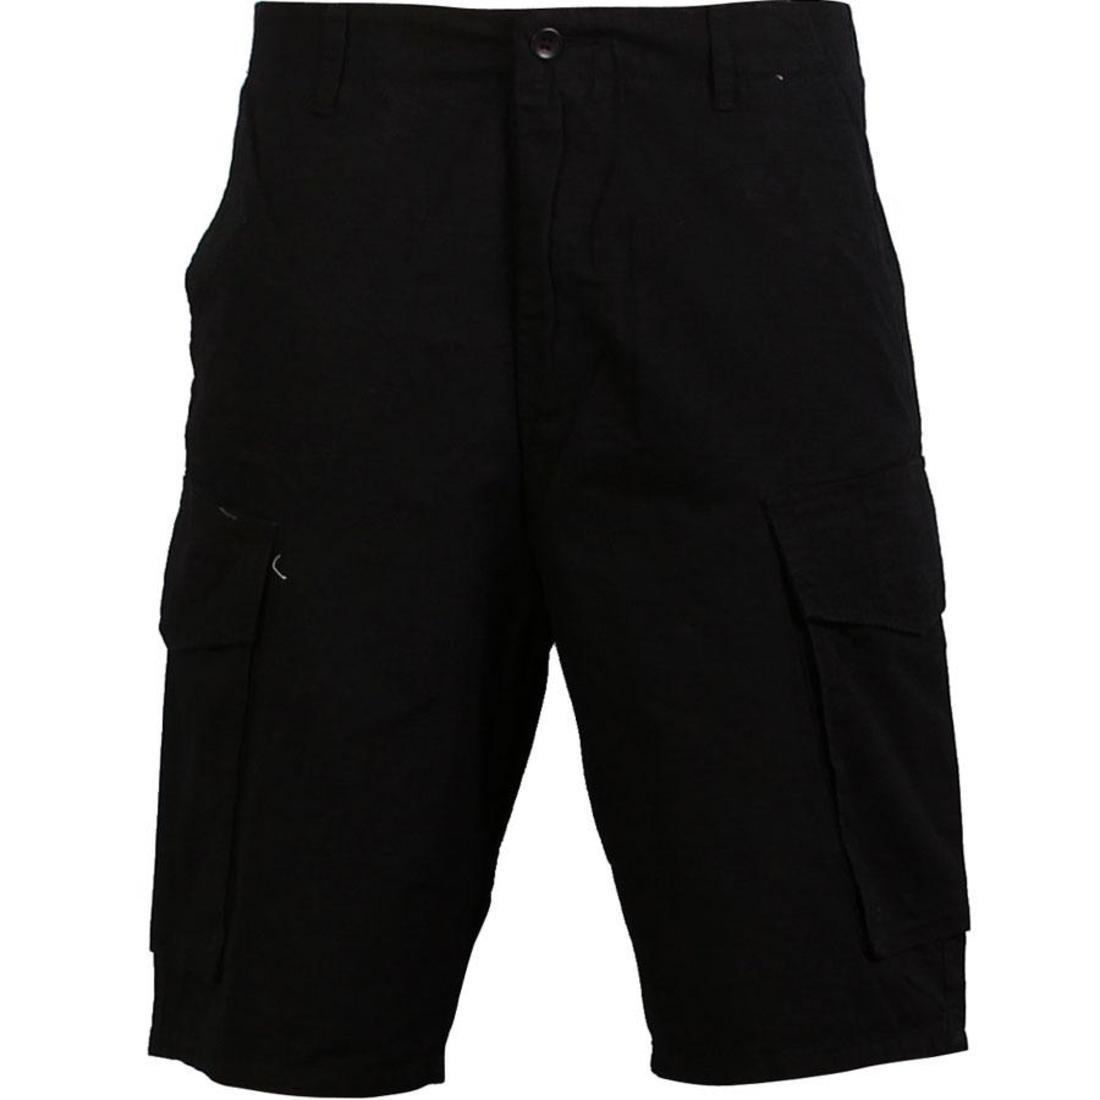 【海外限定】カーゴ ショーツ ハーフパンツ パンツ ズボン 【 UNDEFEATED JUNGLE CARGO SHORTS BLACK 】